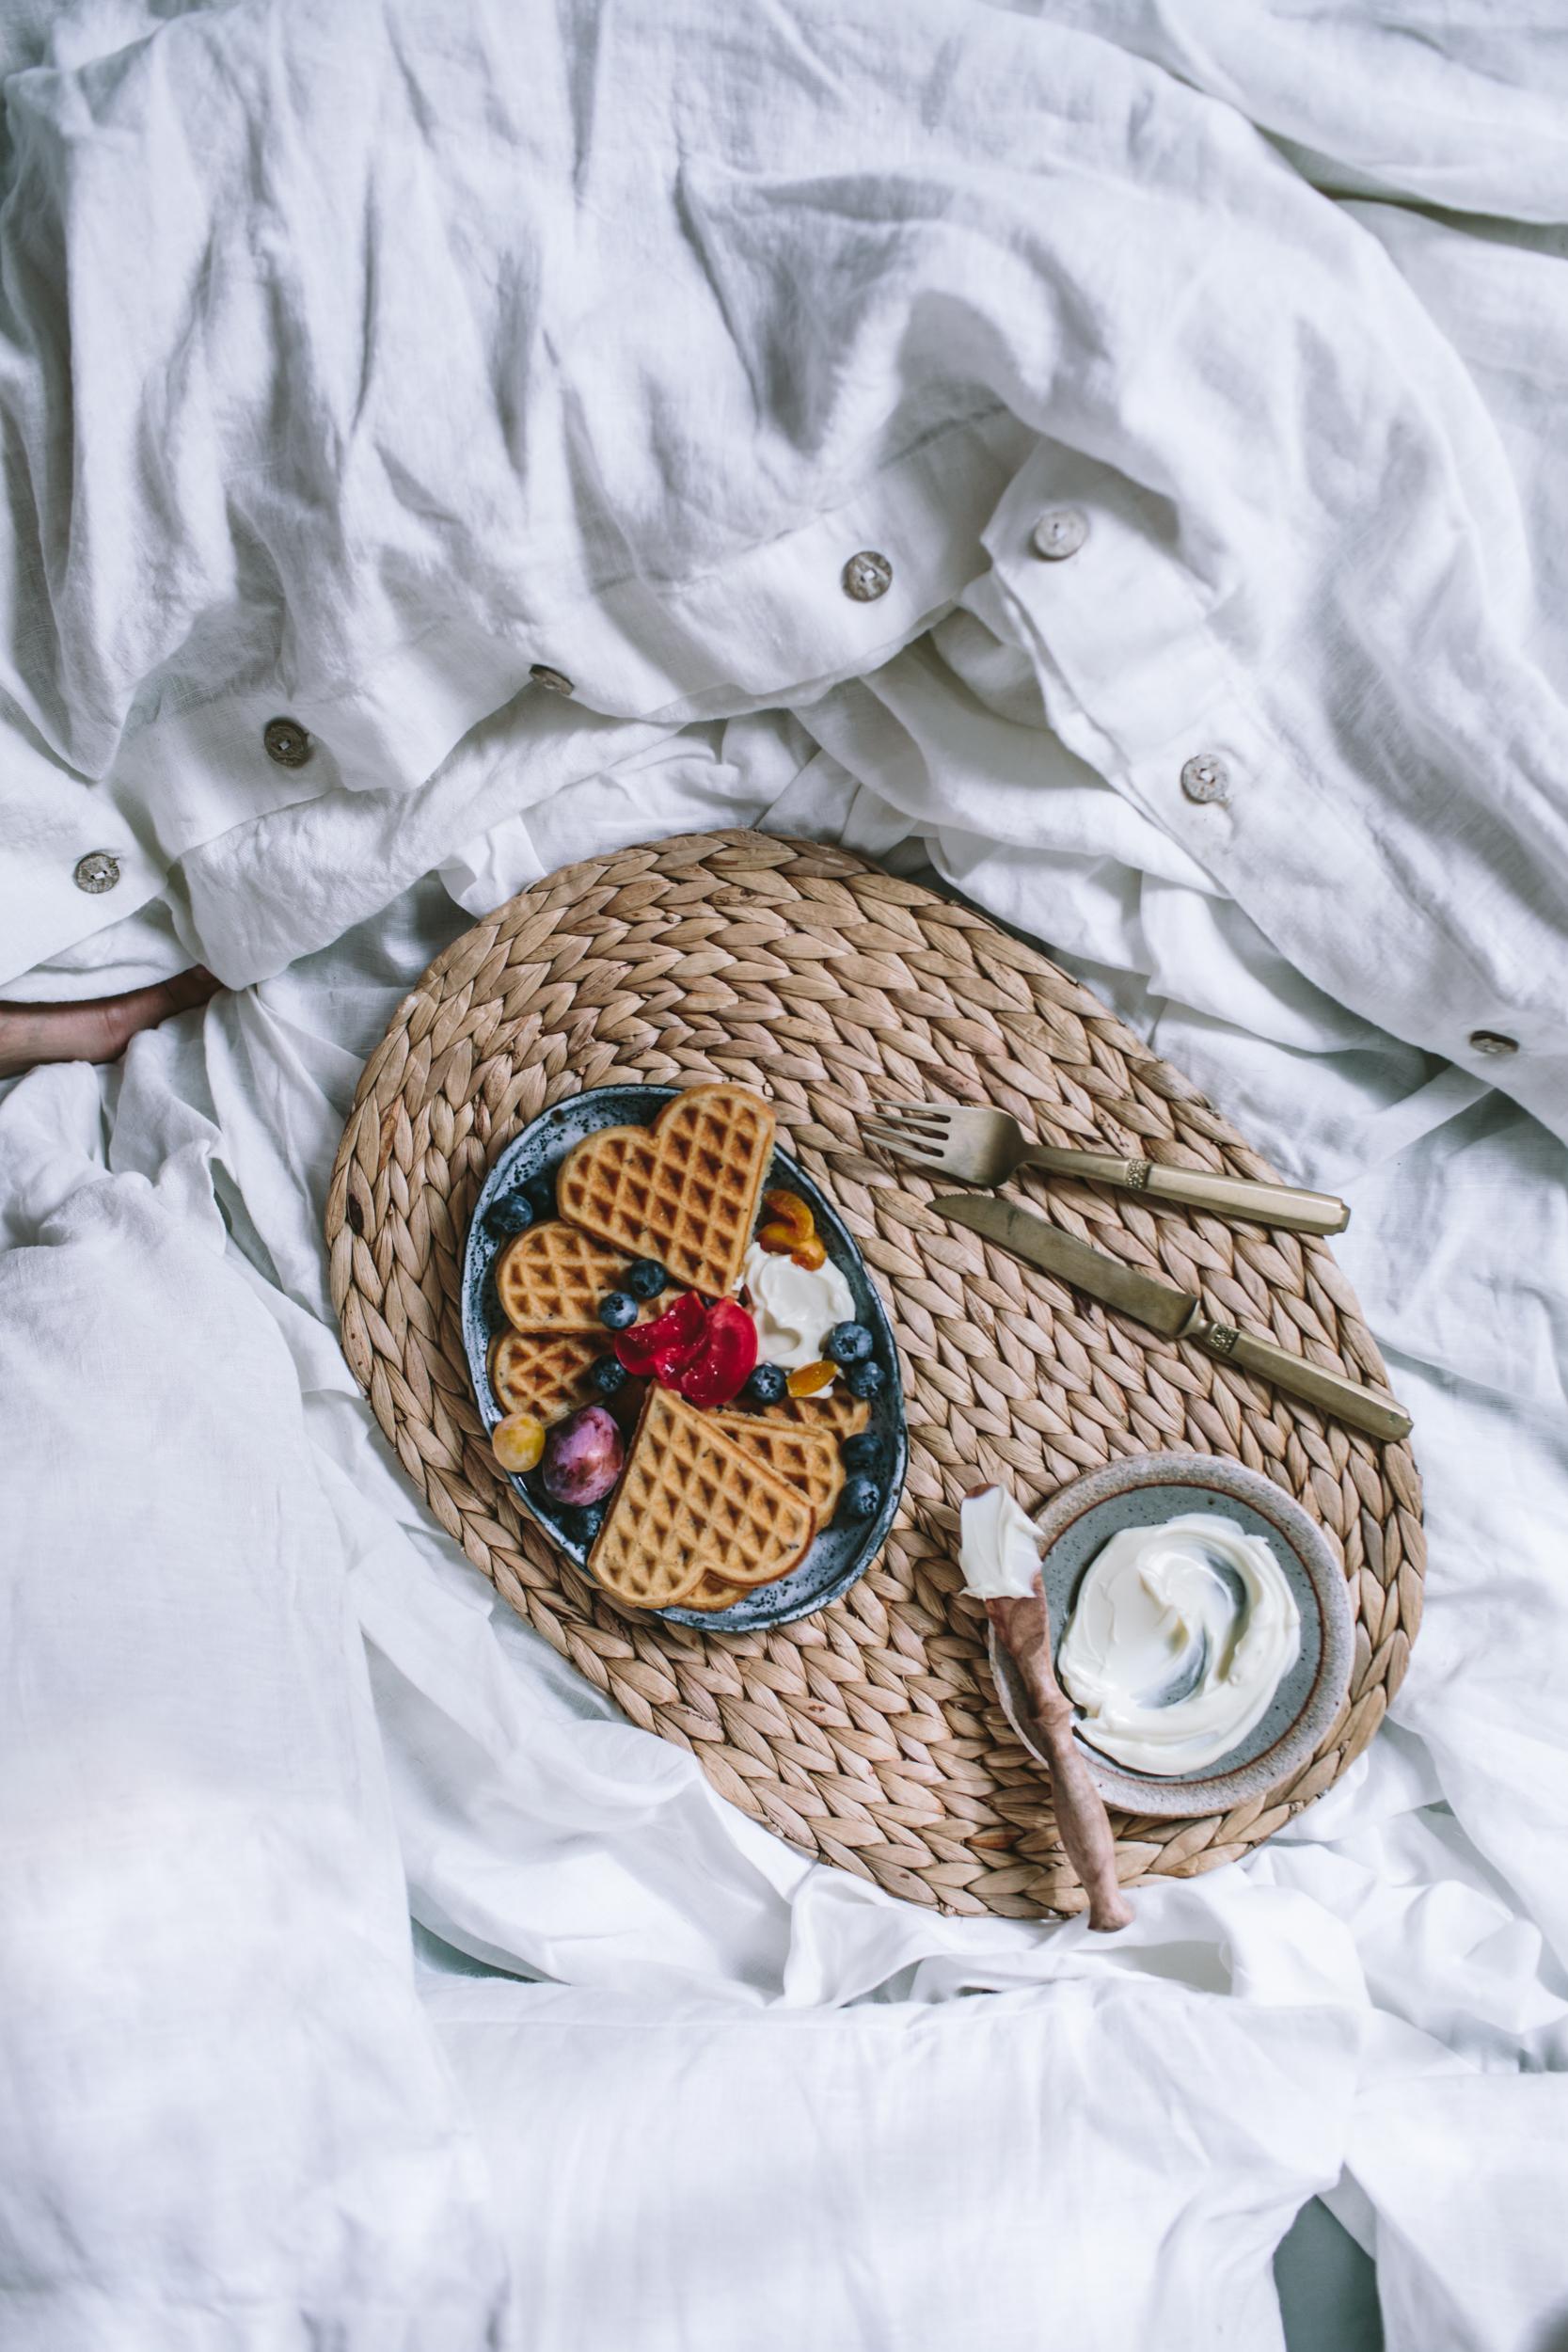 plum-waffles-by-eva-kosmas-flores-4